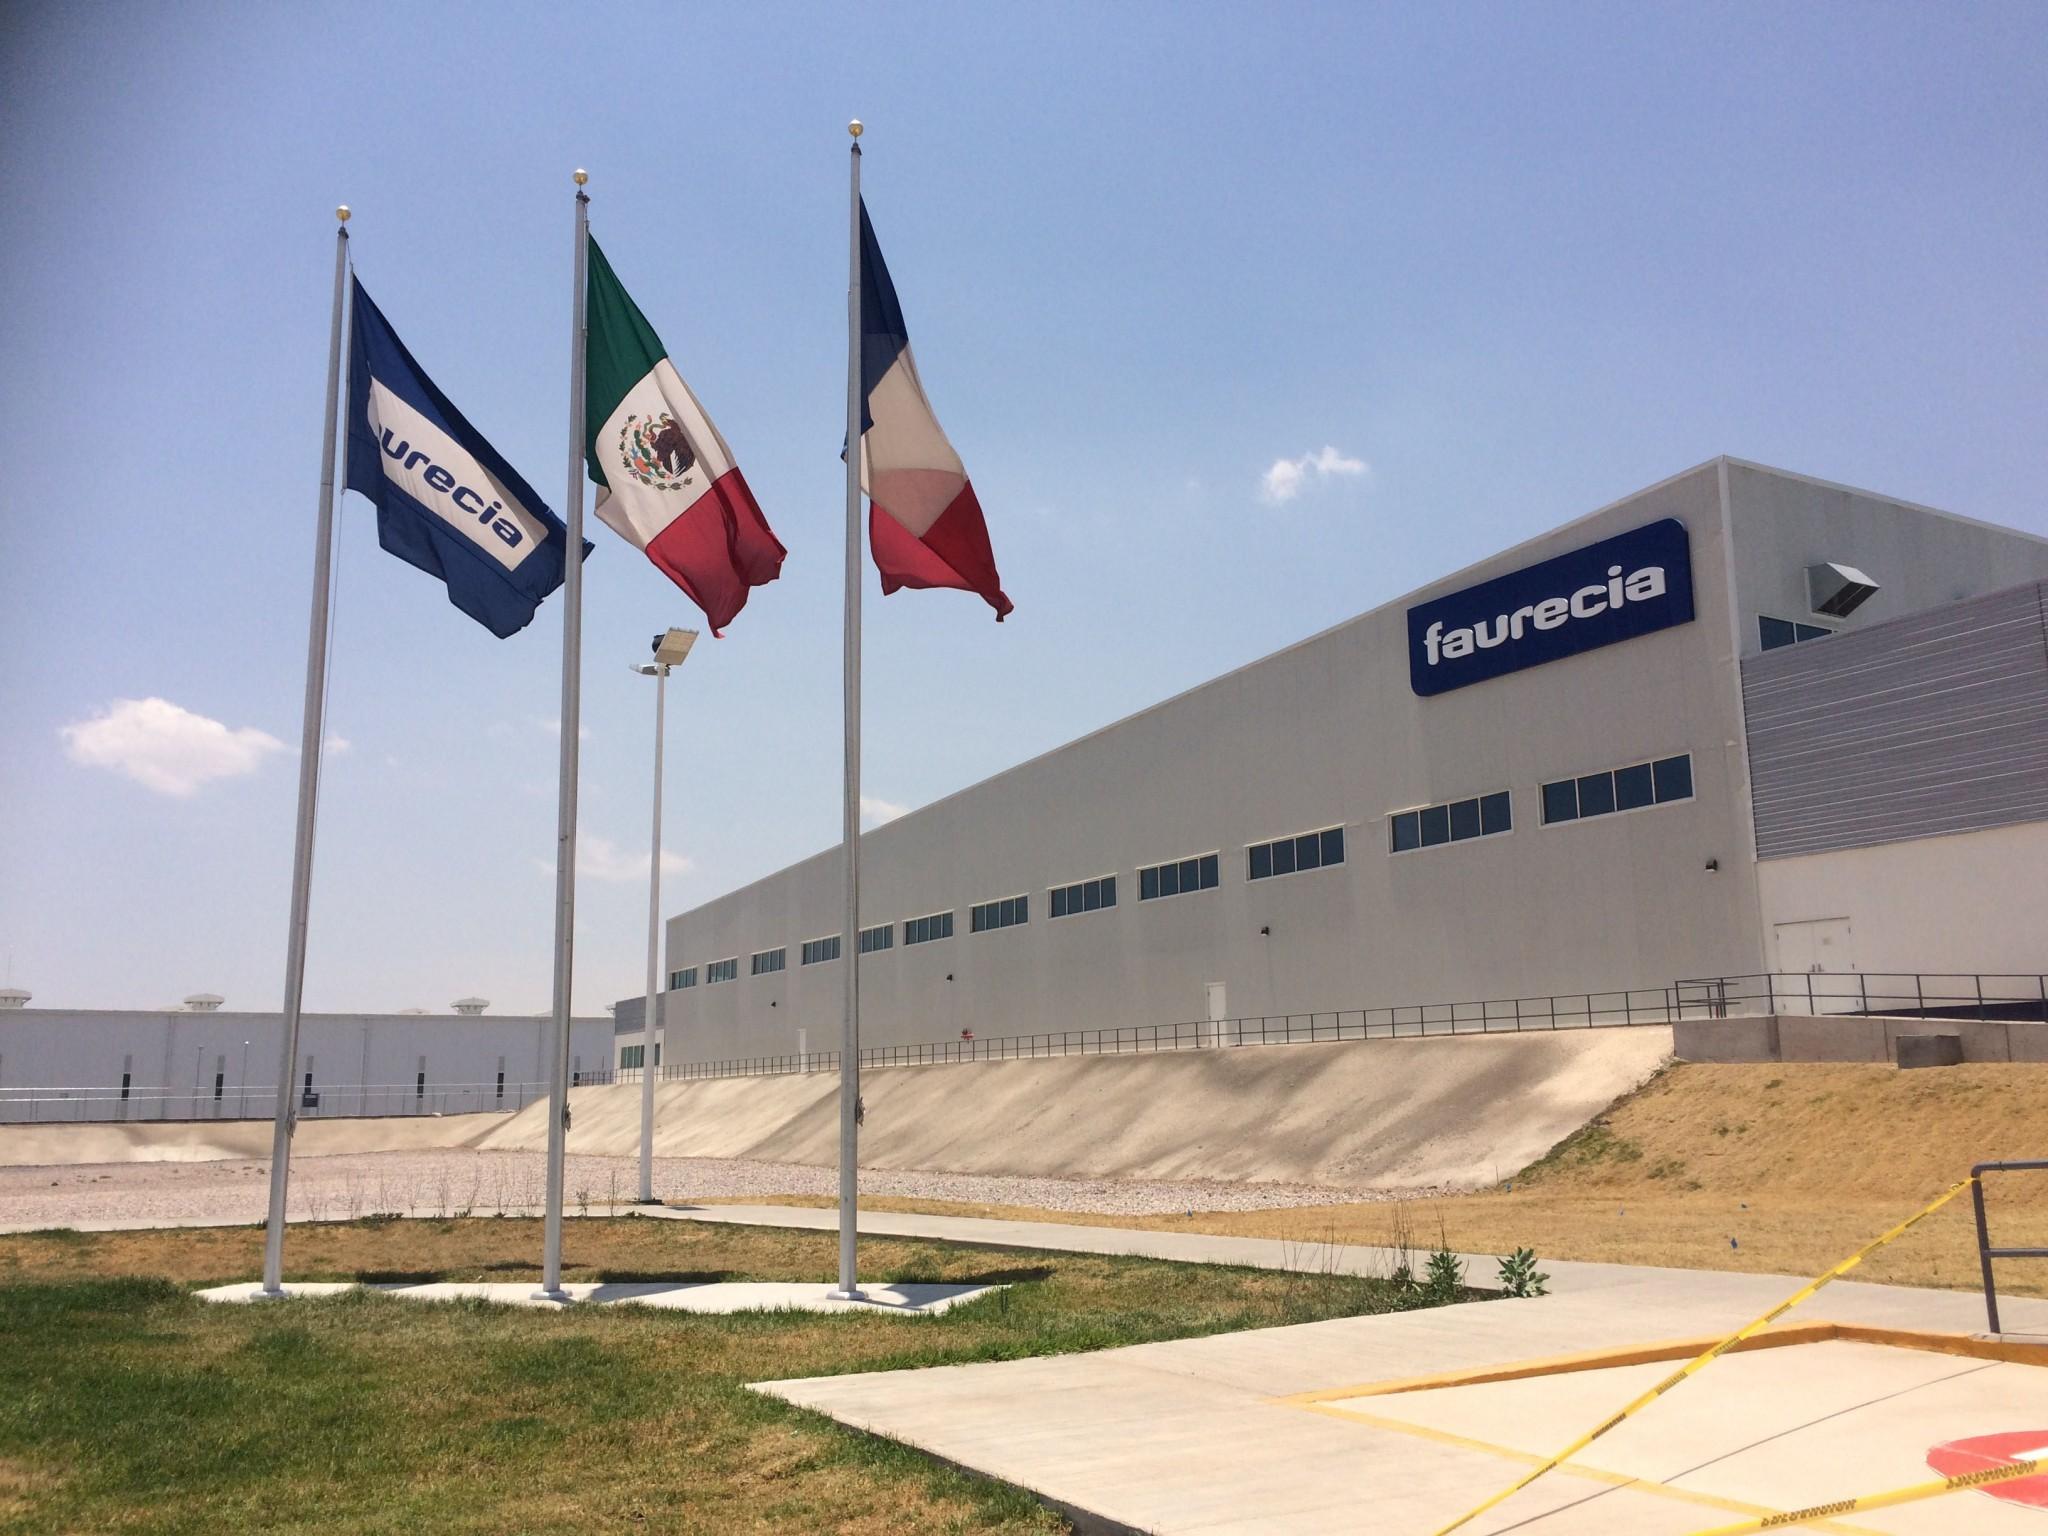 Faurecia abre dos nuevas plantas de producci n en slp - Faurecia interior systems ...